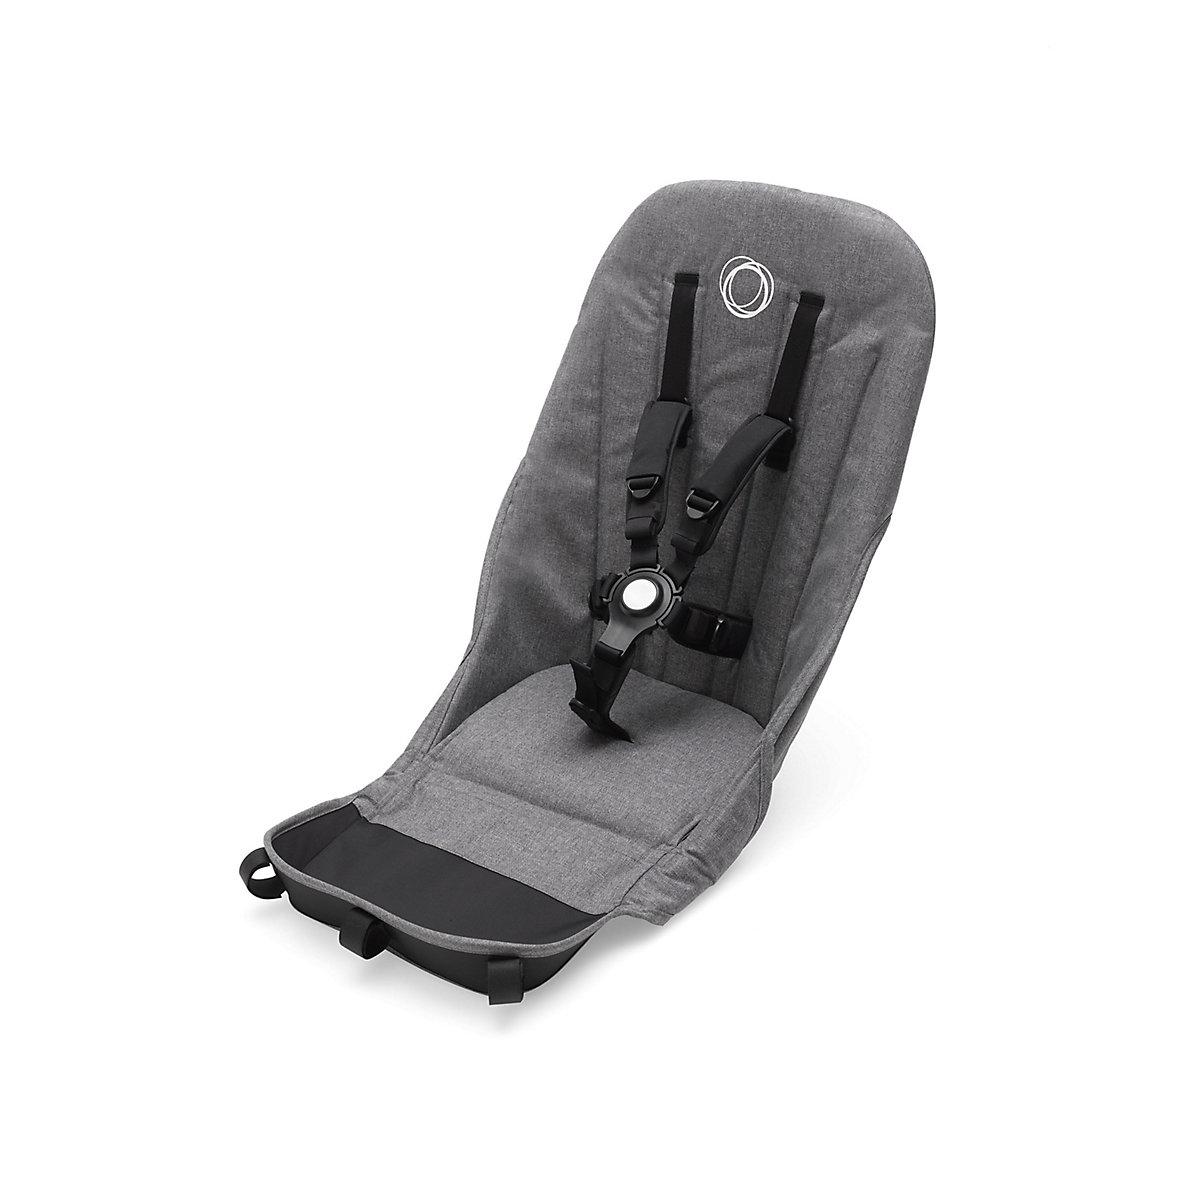 Bugaboo donkey2 seat fabrics - grey melange